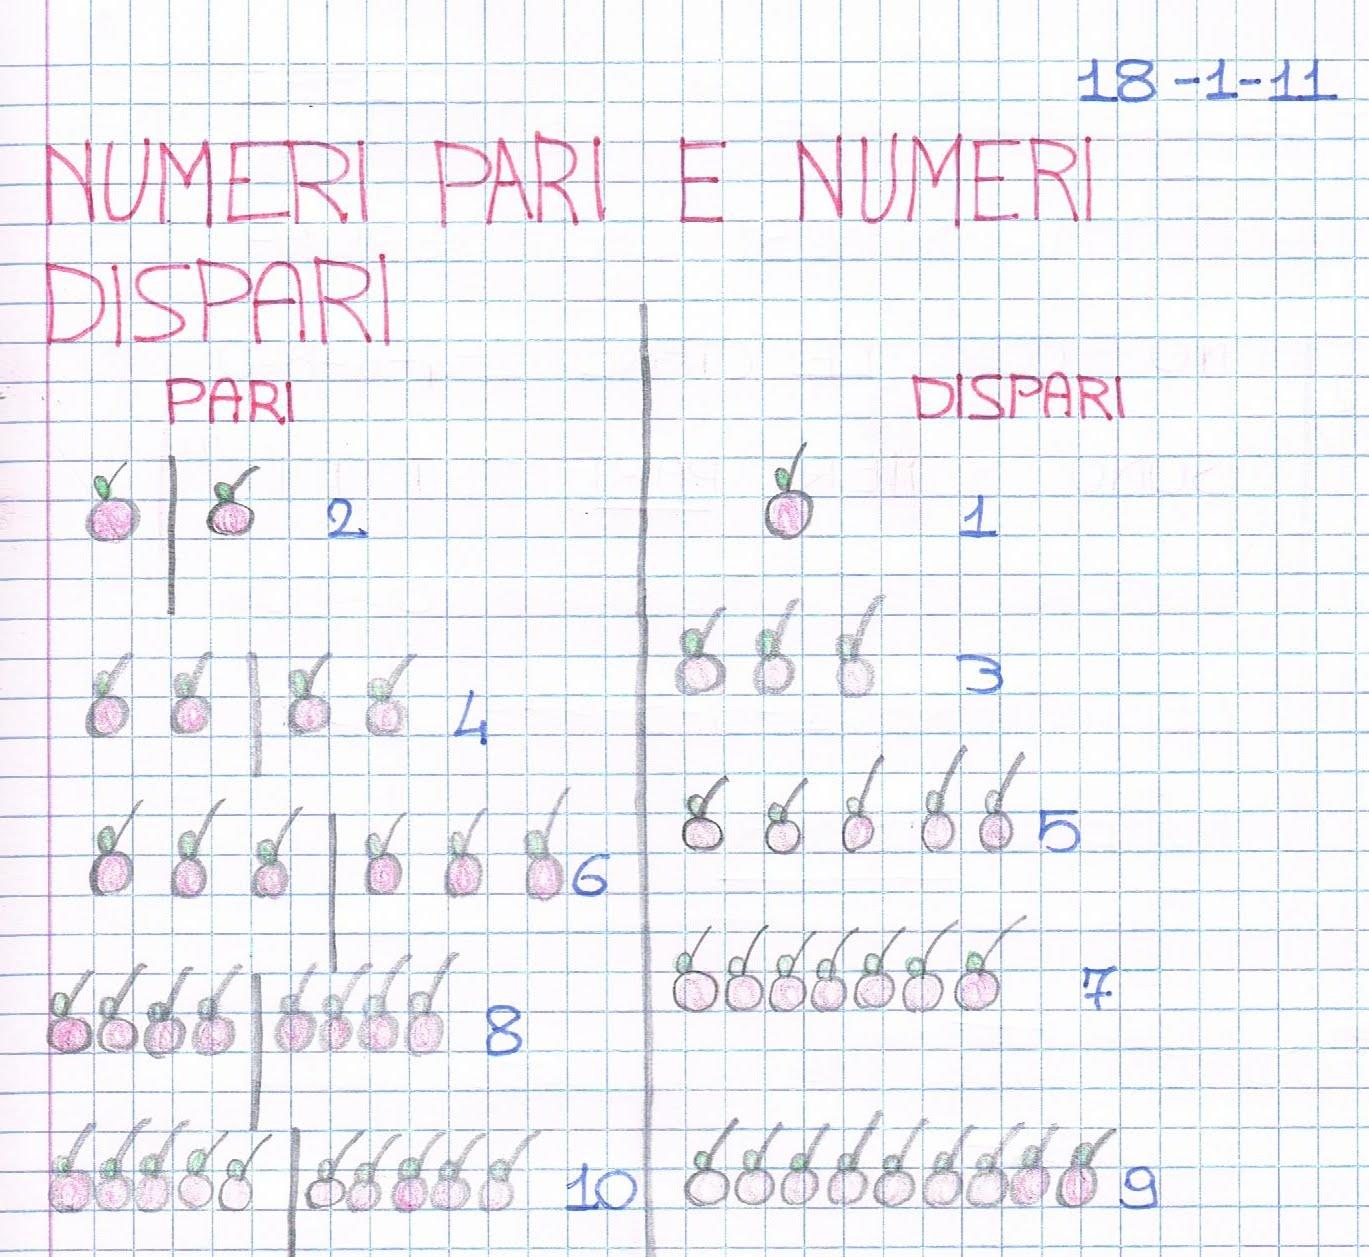 sale retailer 246a8 d2d12 Numeri pari e numeri dispari